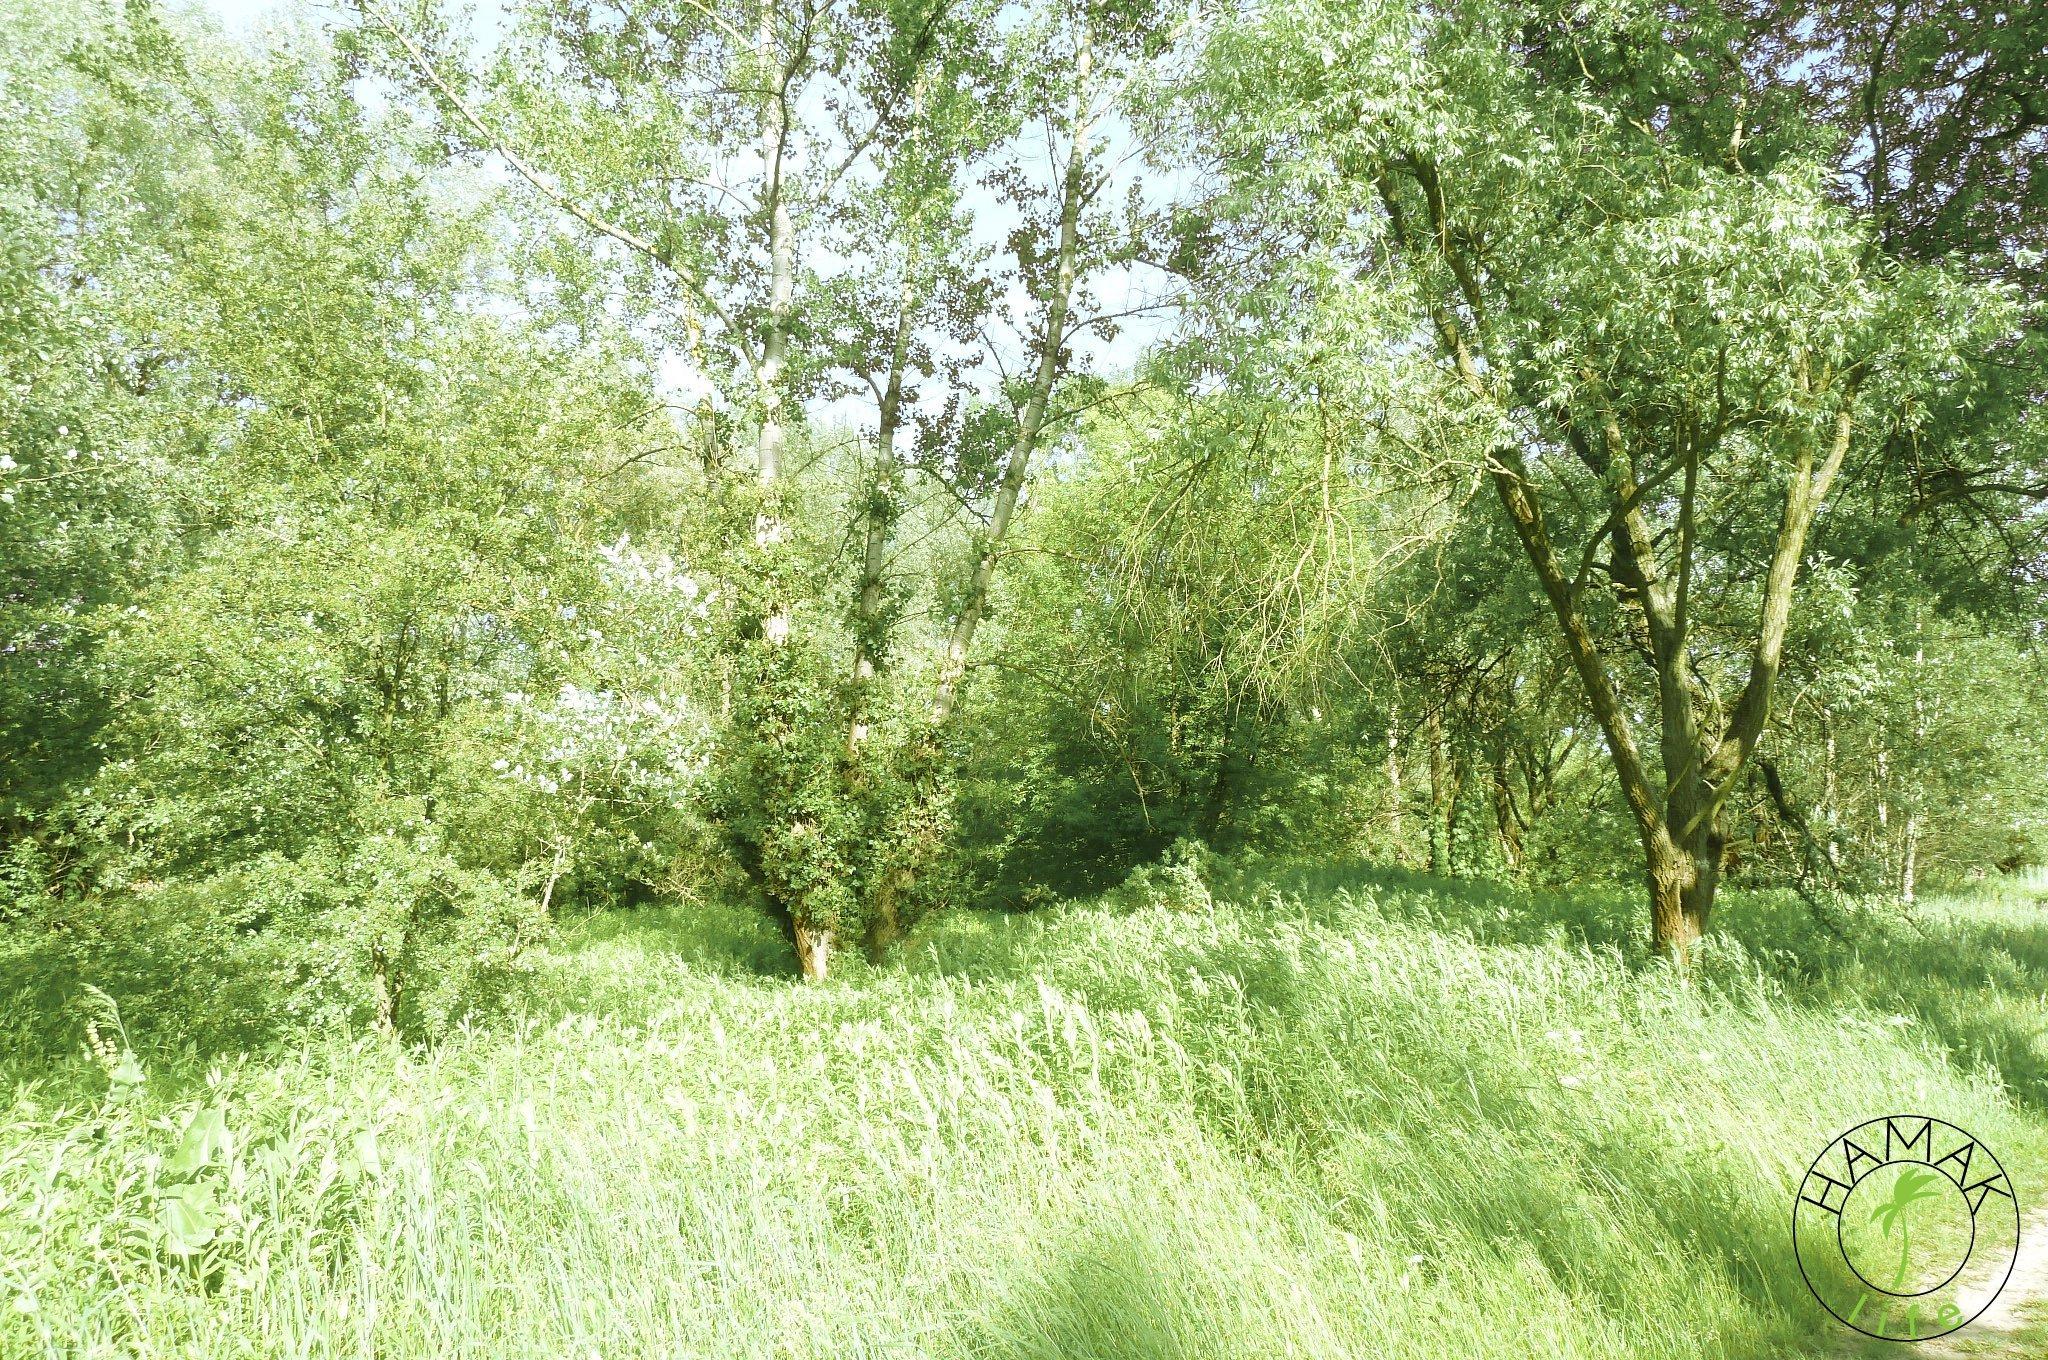 Lasy nad wałem na Zawadach, które mijacie po drodze na tamtejsze warszawskie plaże.